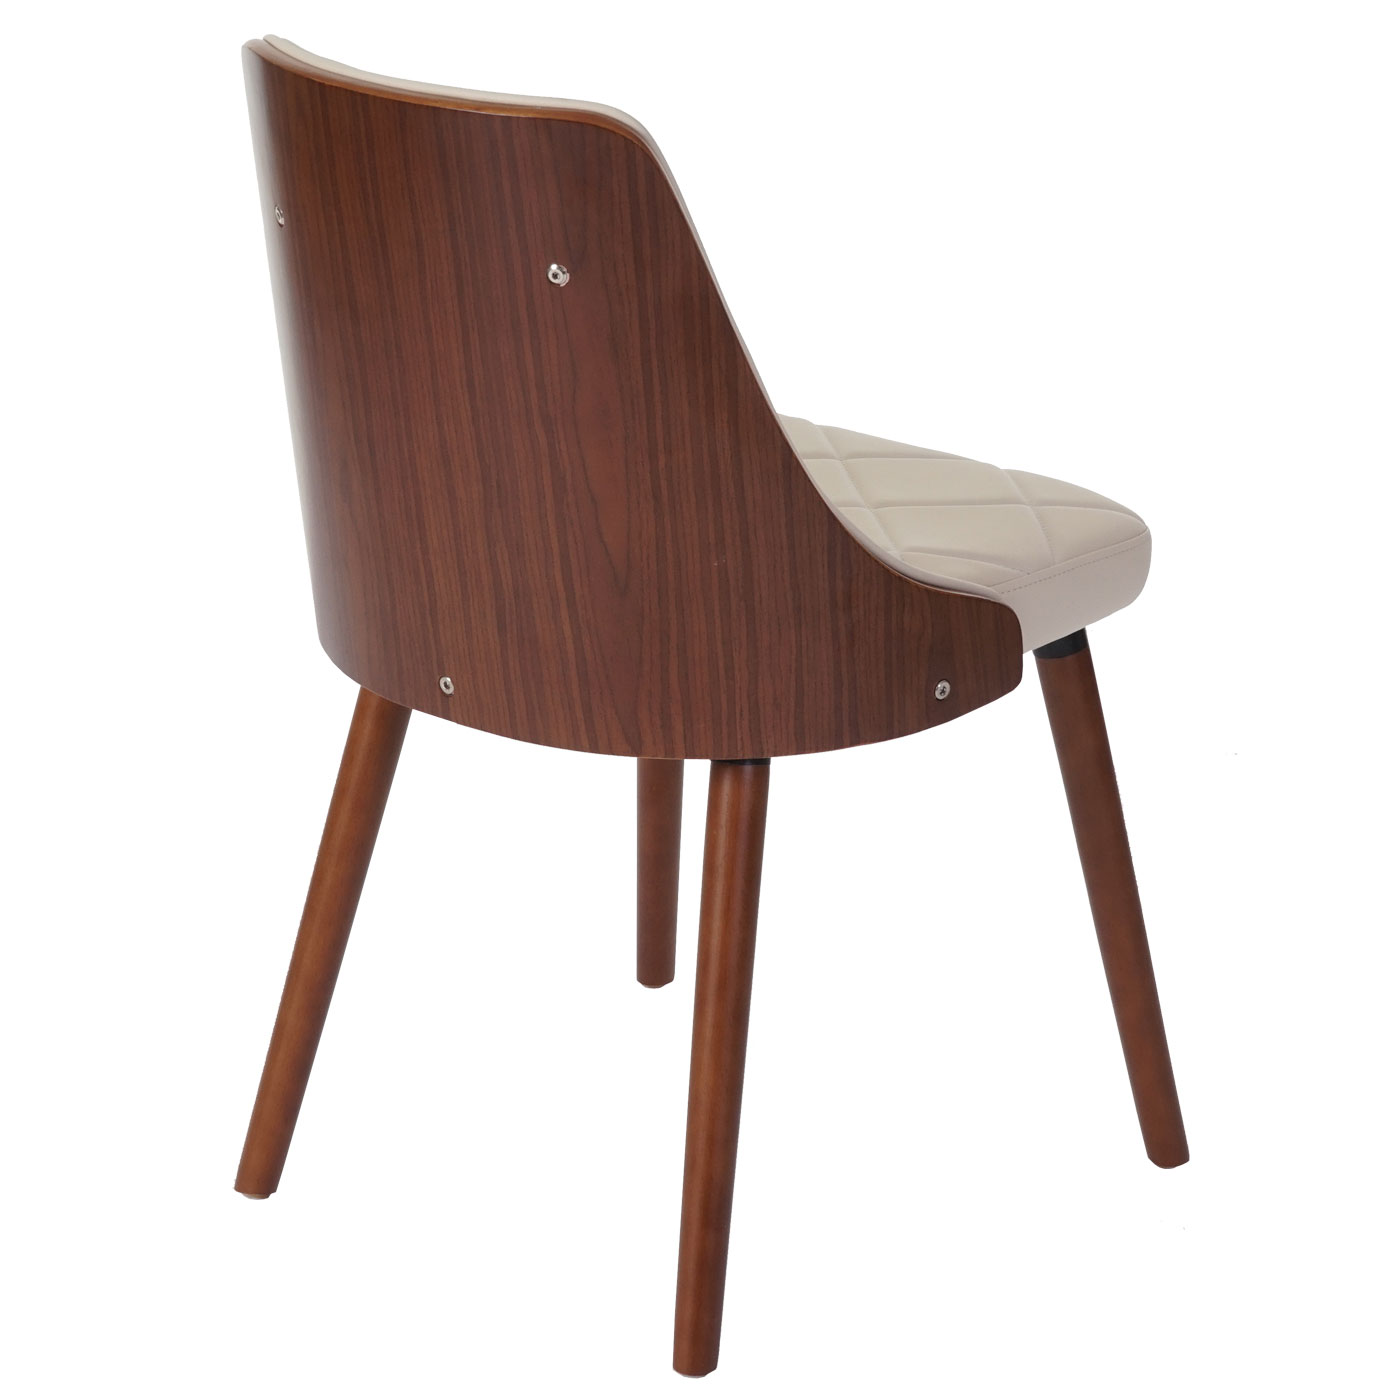 8b64faa60b6 2x chaise de salle à manger Osijek